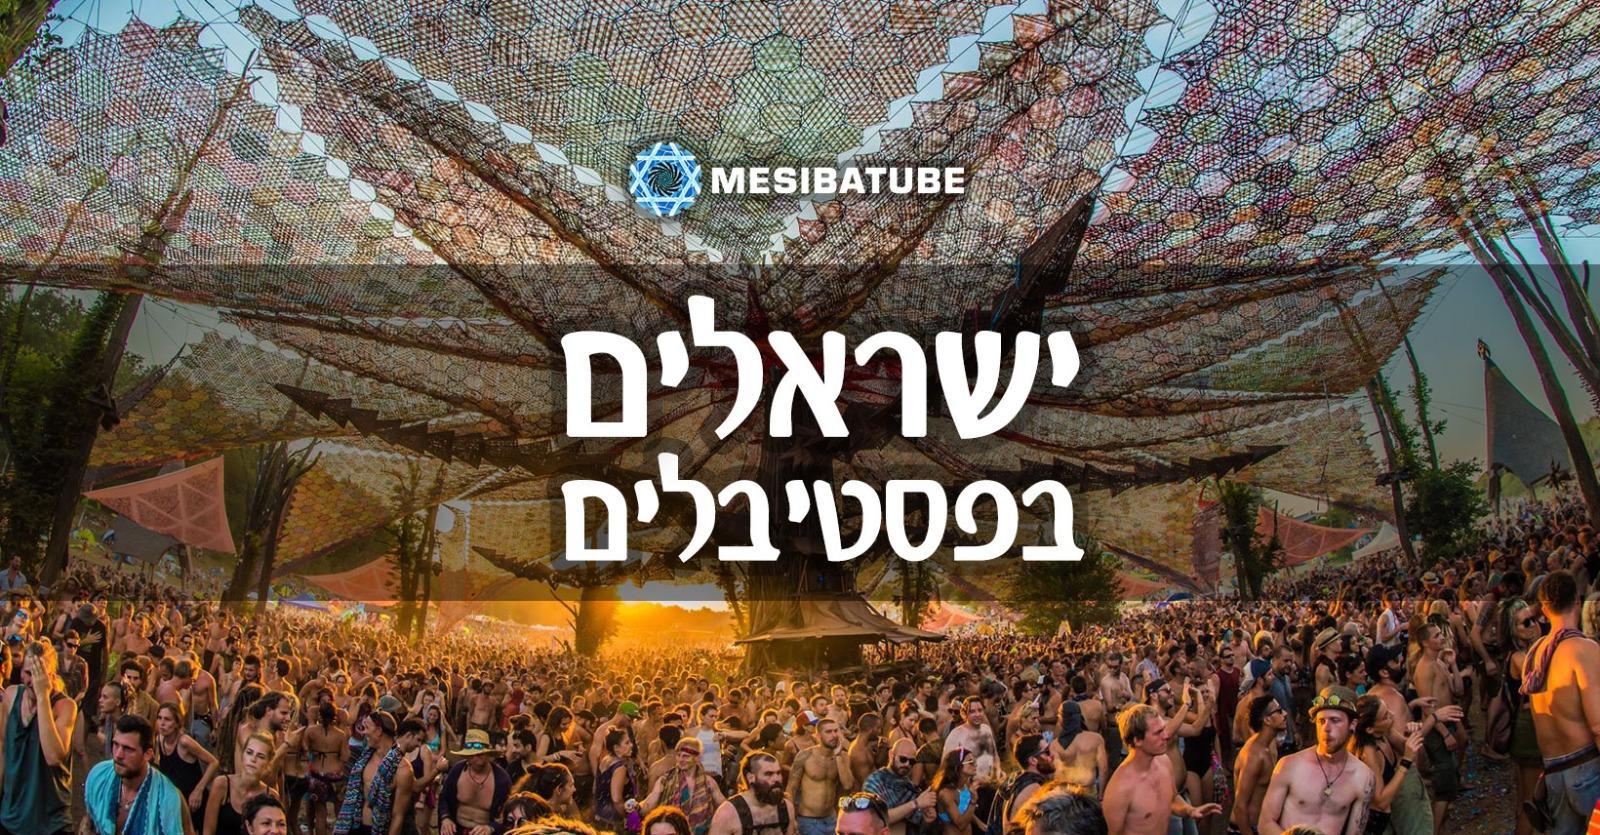 ישראלים בפסטיבלים - מסיבטיוב